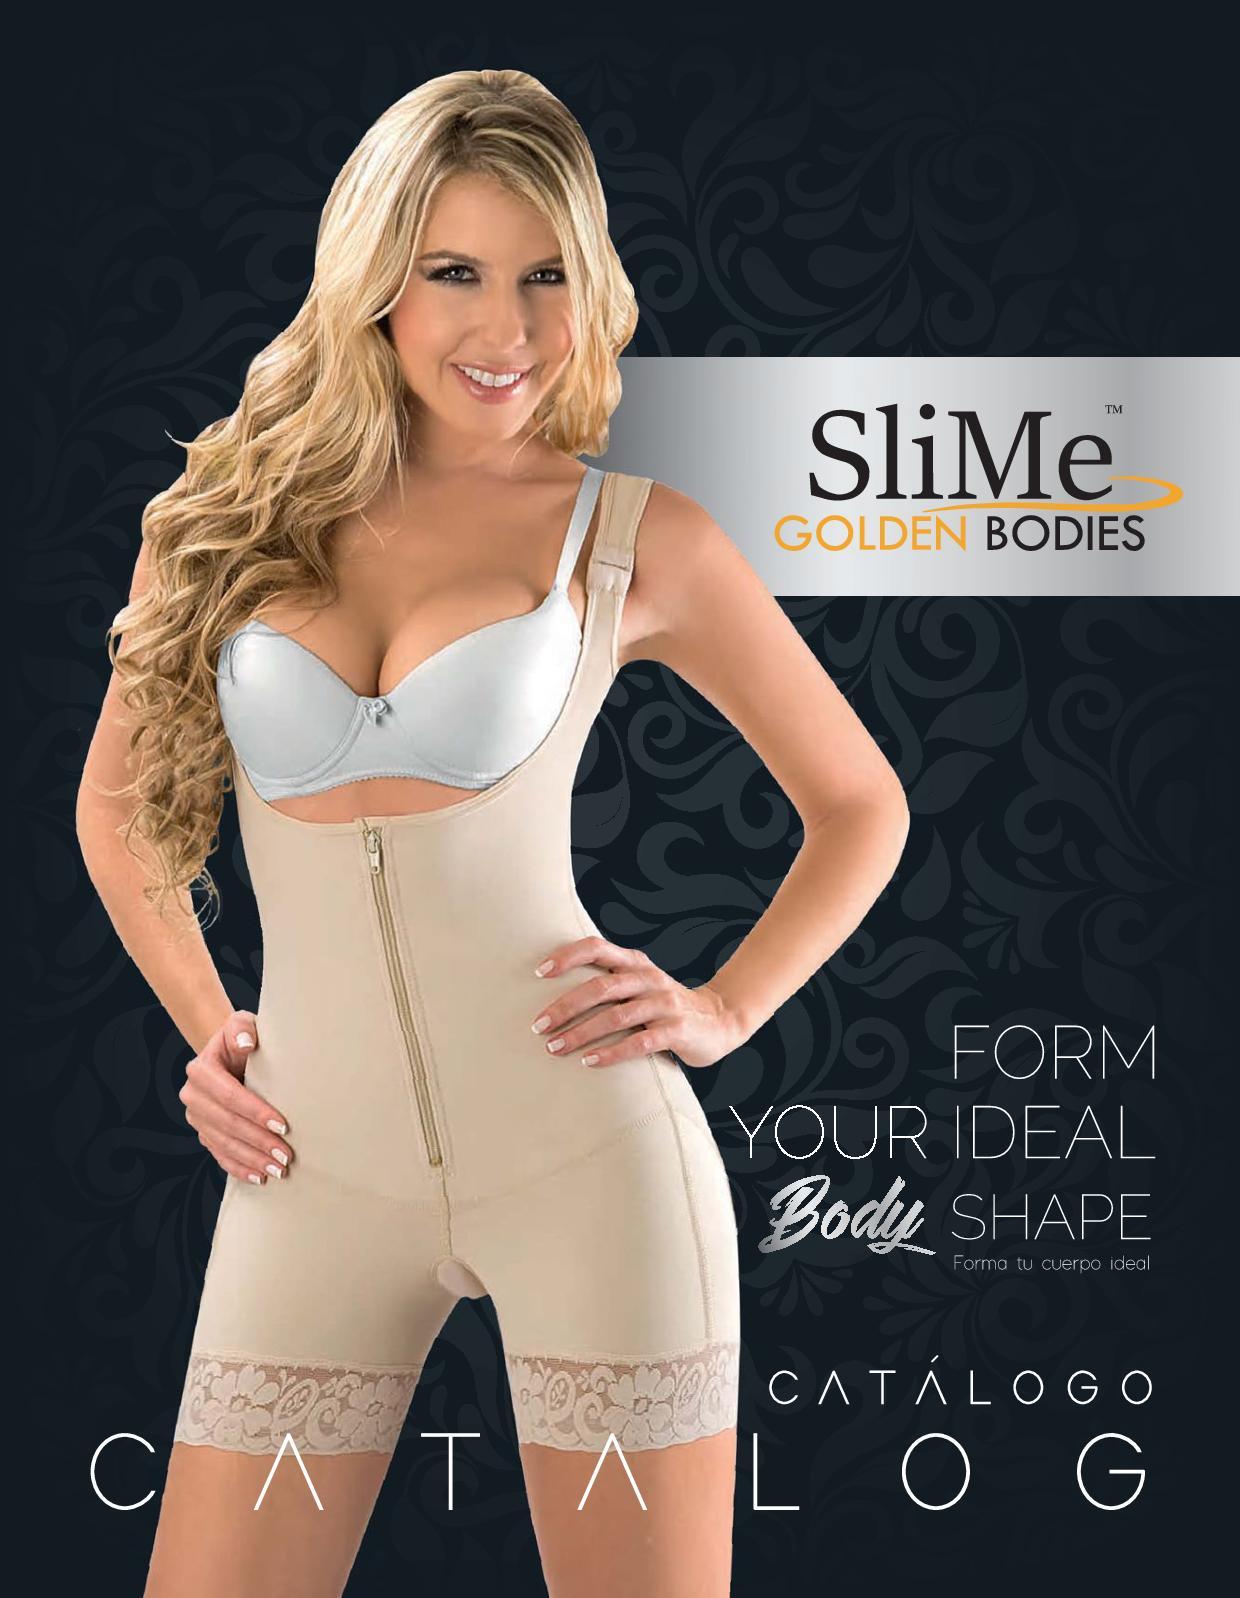 Catalogo Ref: Slime